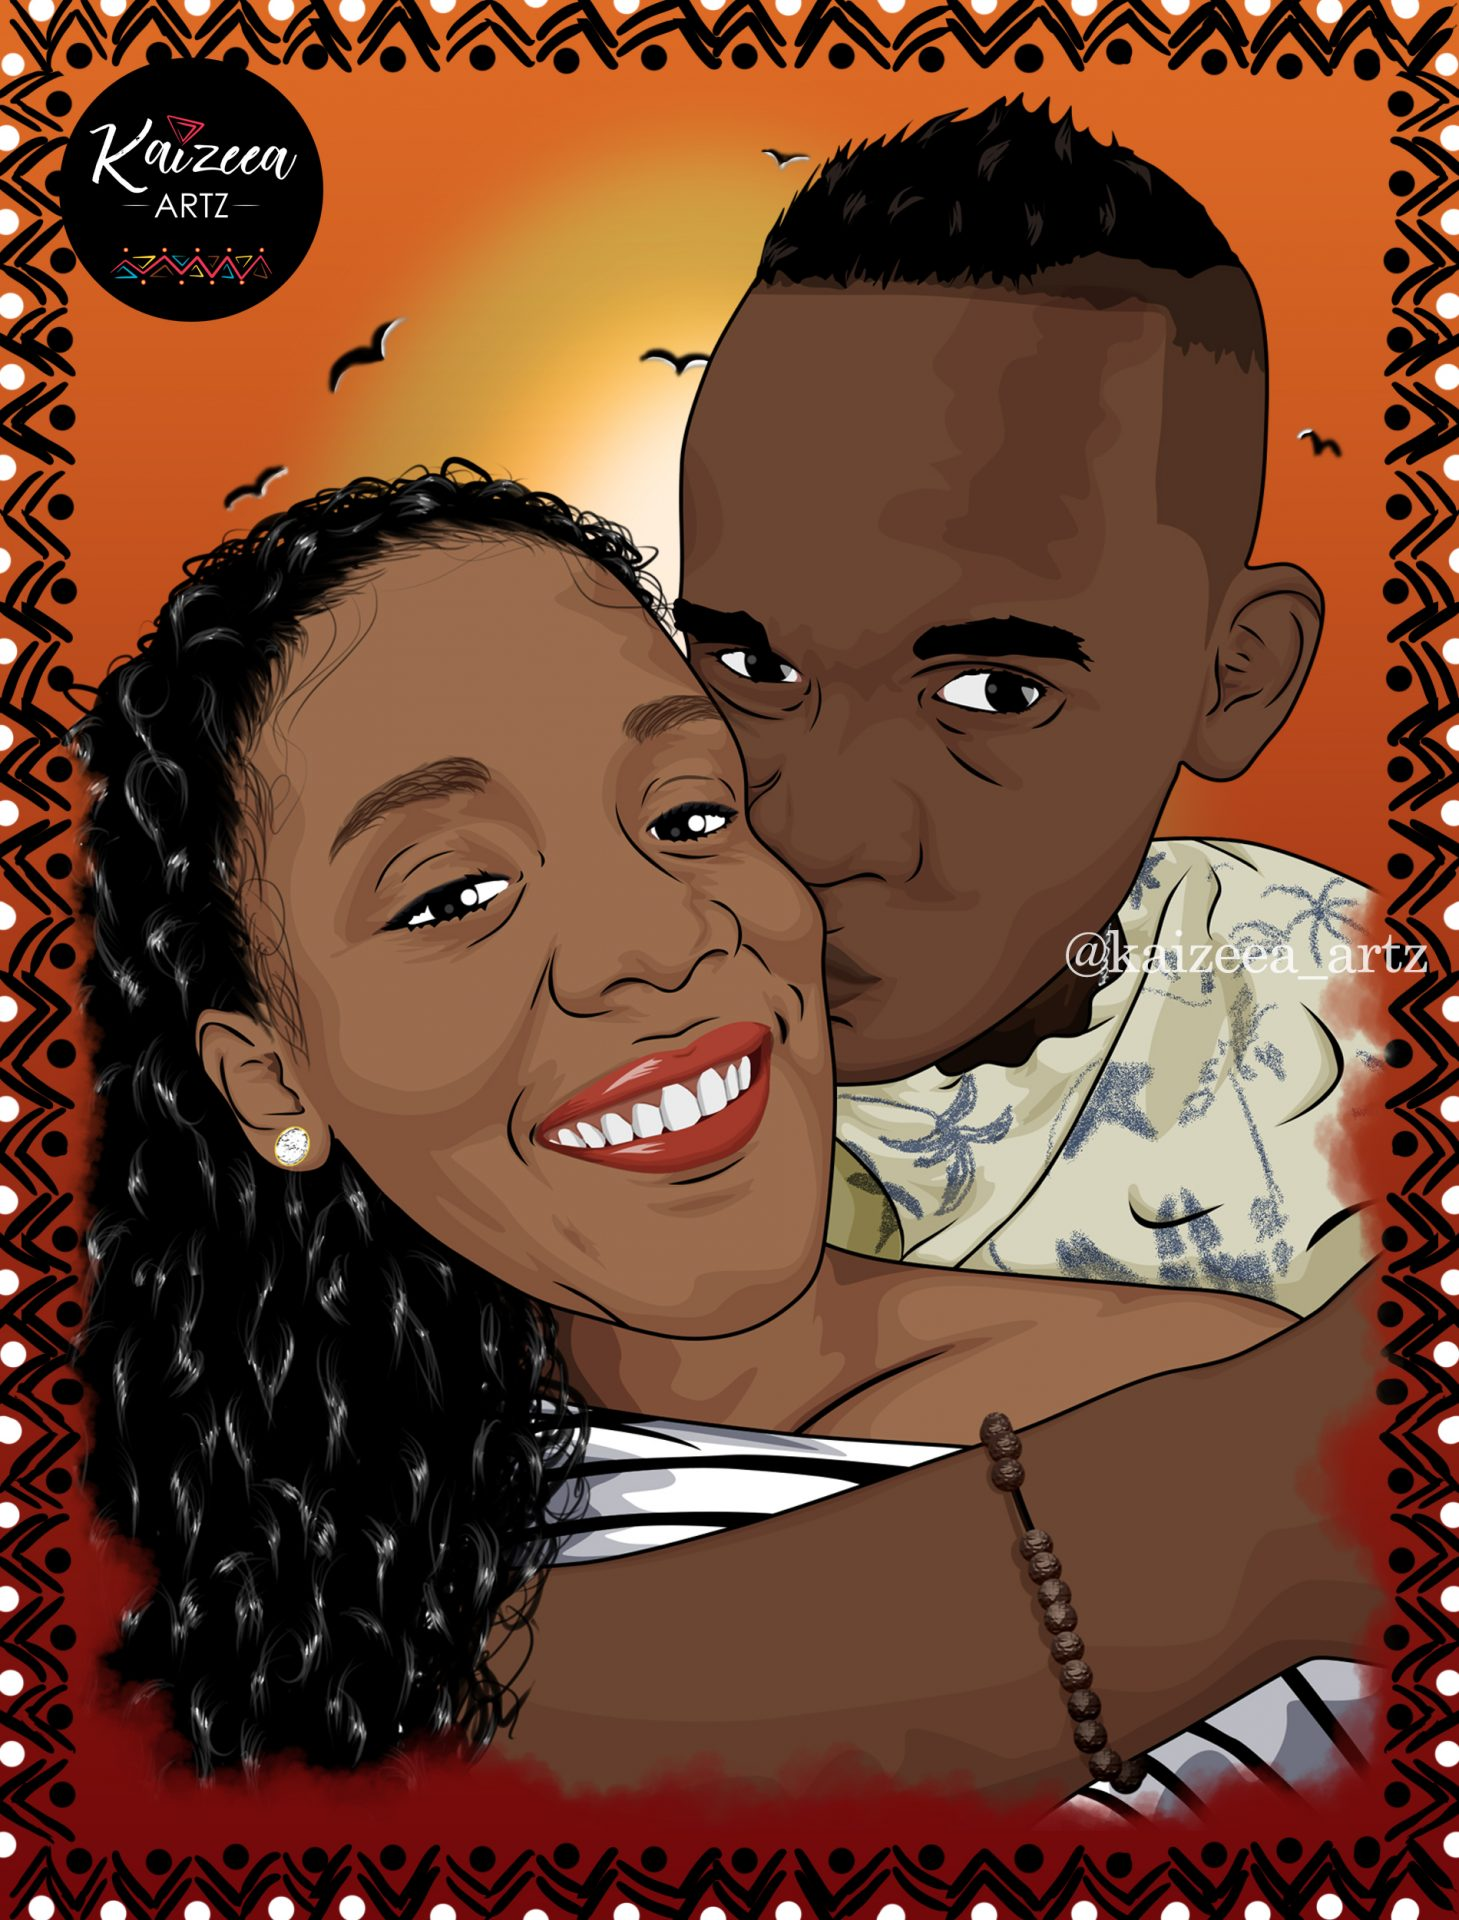 kaizeea artz art artist artista lartiste black art lar nwar black queen mauritius mauritian mauricenne ile maurice africa afrique pattern motifs couple couple goal afro art afriart artiste africaine